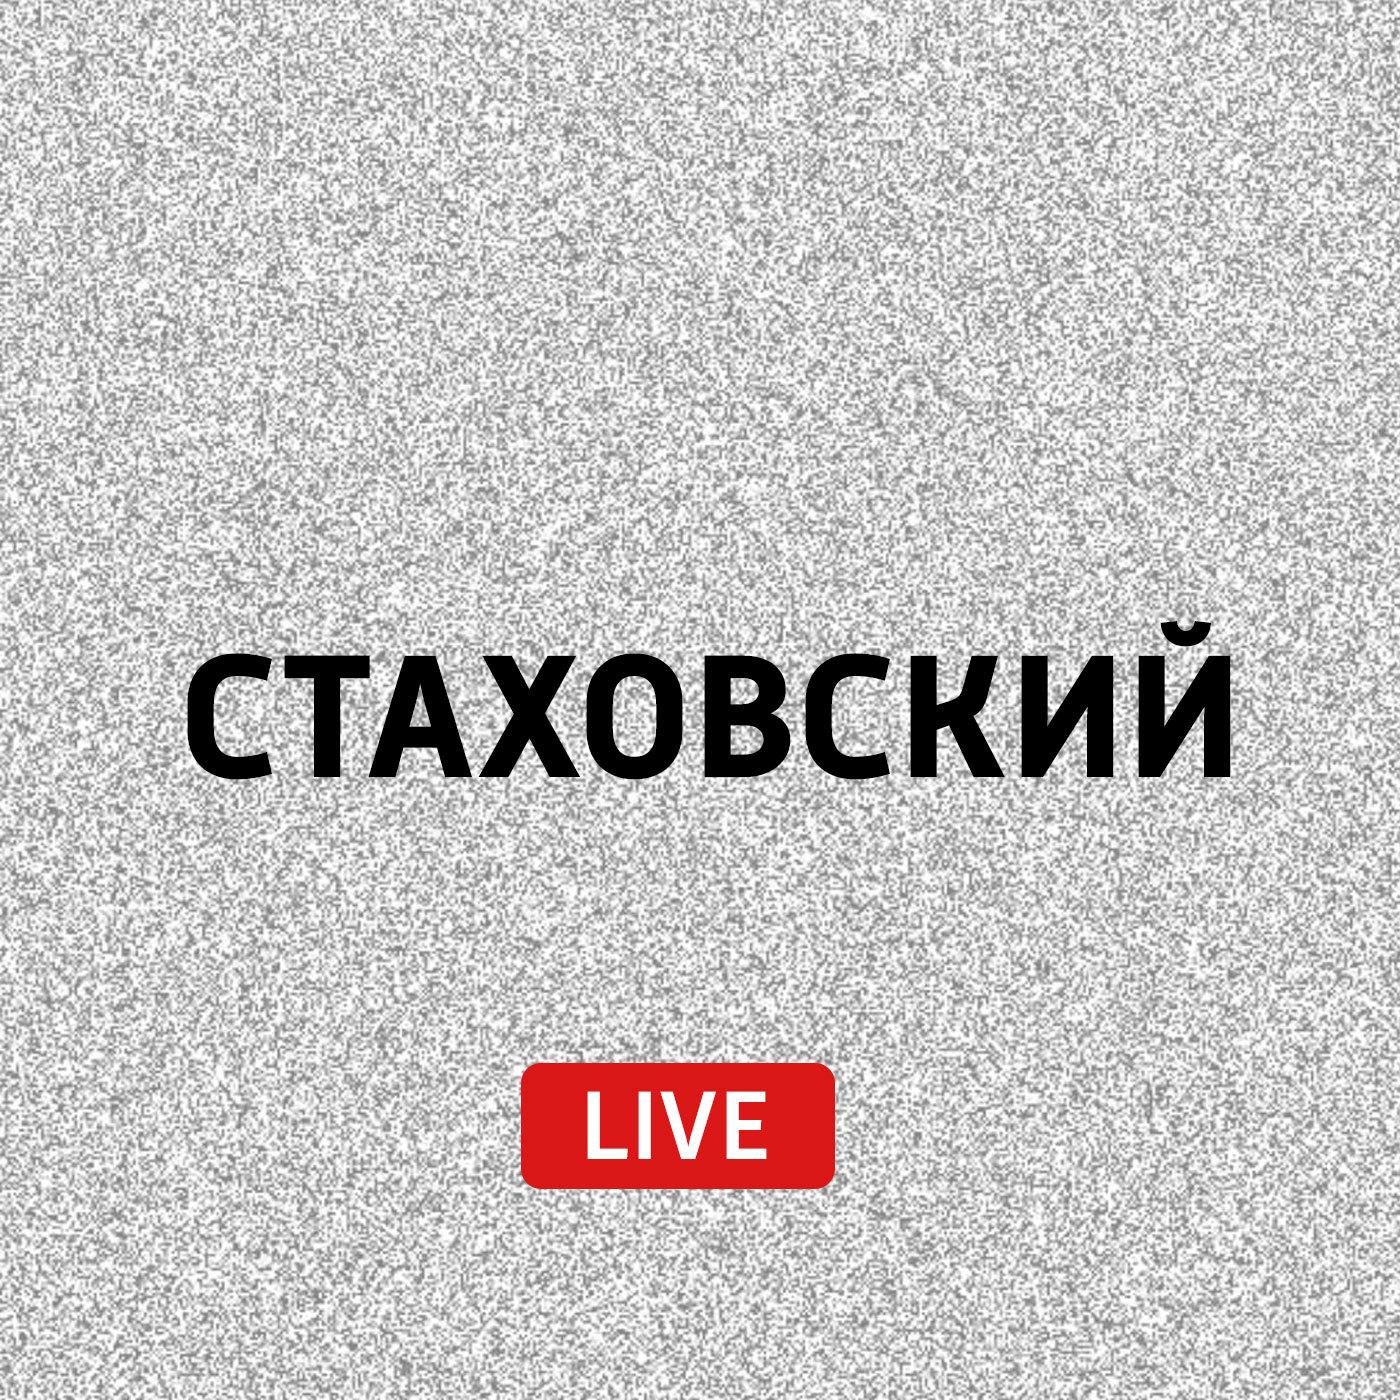 Евгений Стаховский О втором томе «Мёртвых душ евгений стаховский музыка из парижа